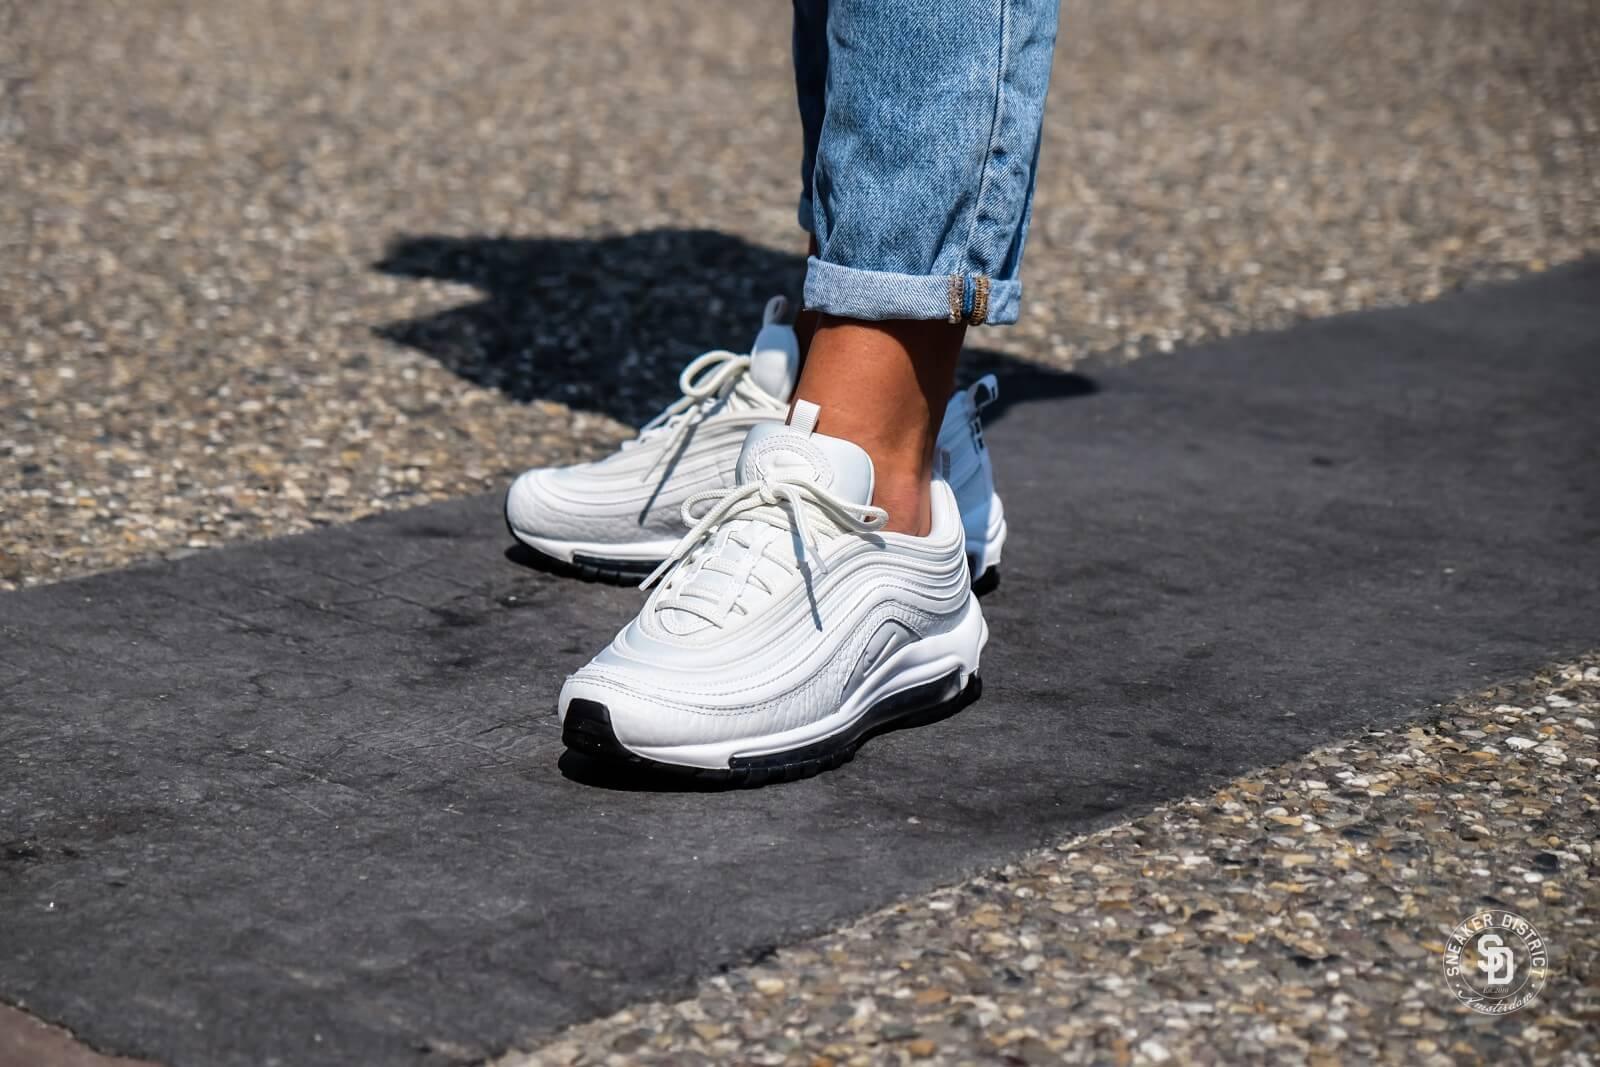 designer fashion 2e78f 4c9ac AQ8760 Femme s Max Summit 97 Nike Lea Air 100 BlancNoir 6ZqTZx7w